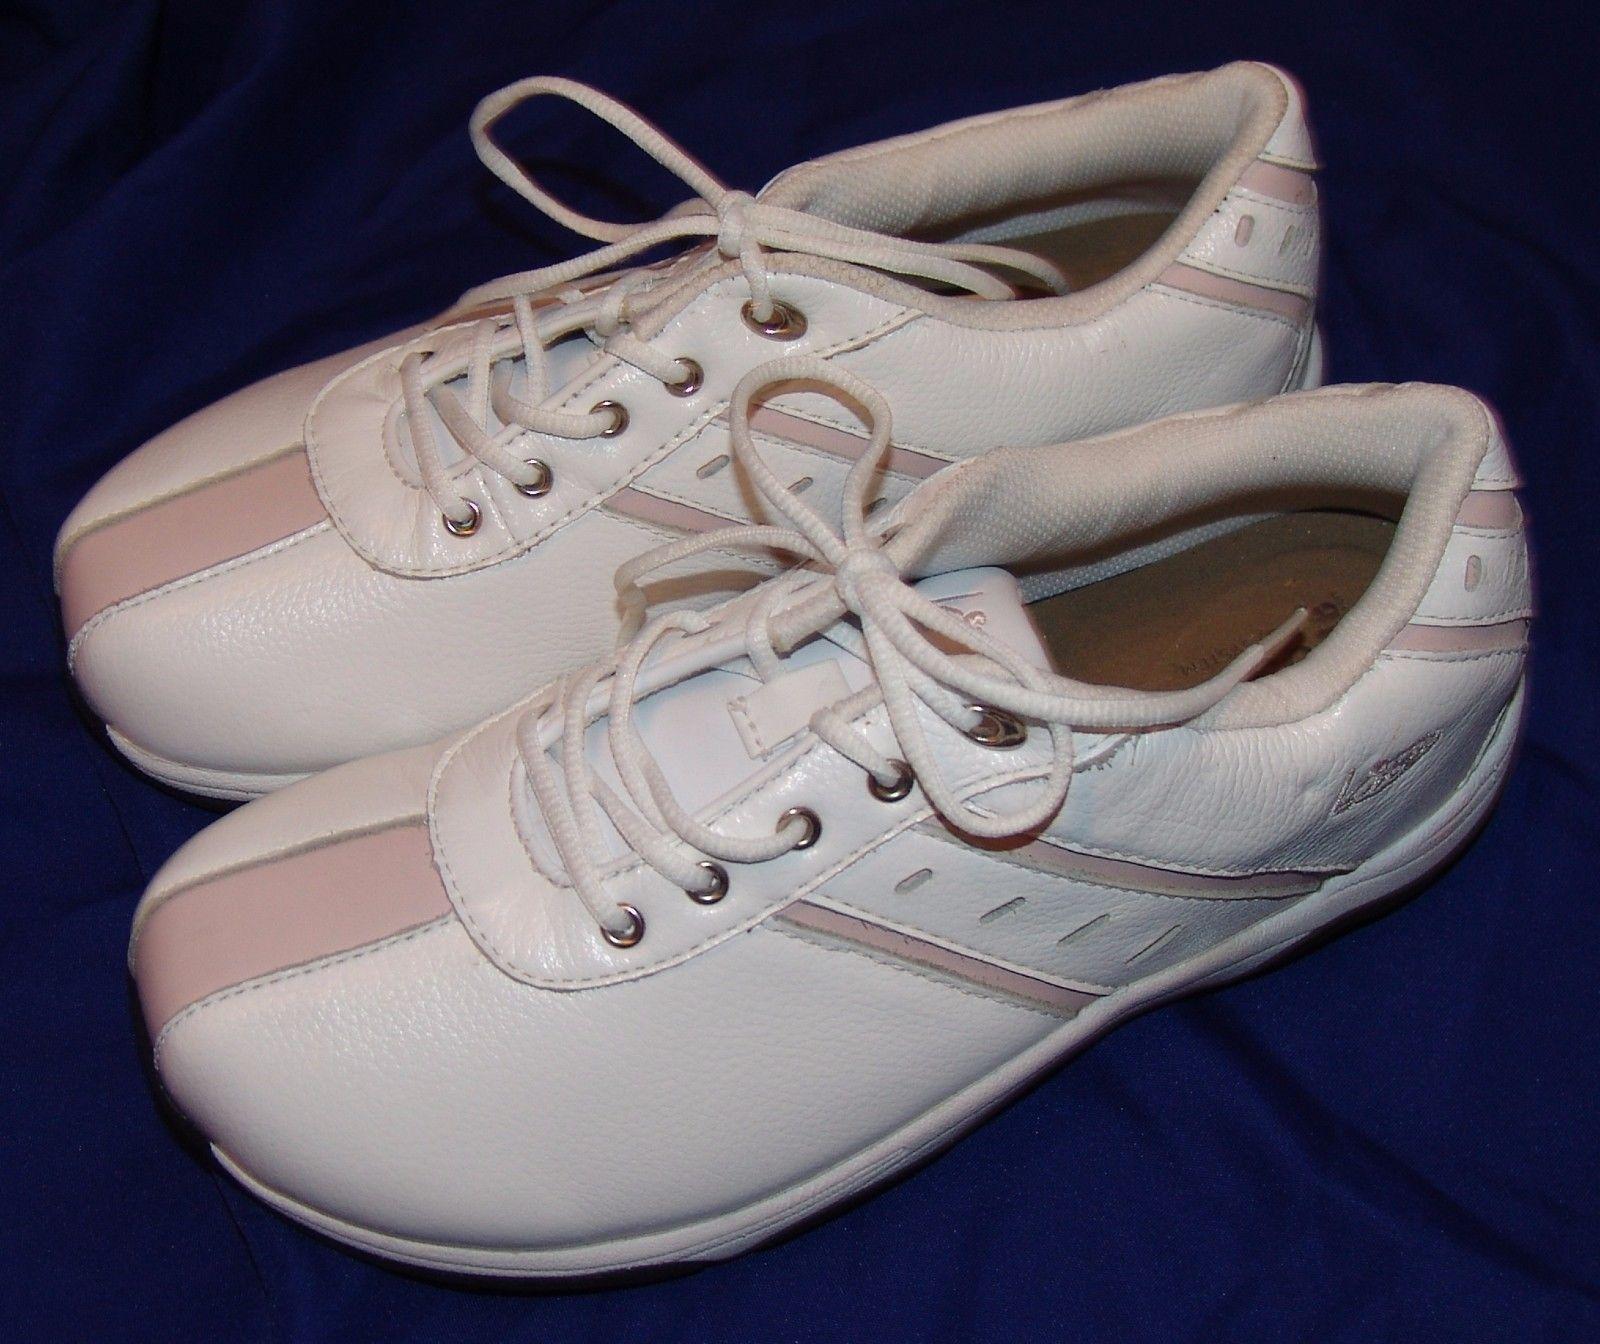 f1575f5188e9 Ping Golf Shoes  13 listings